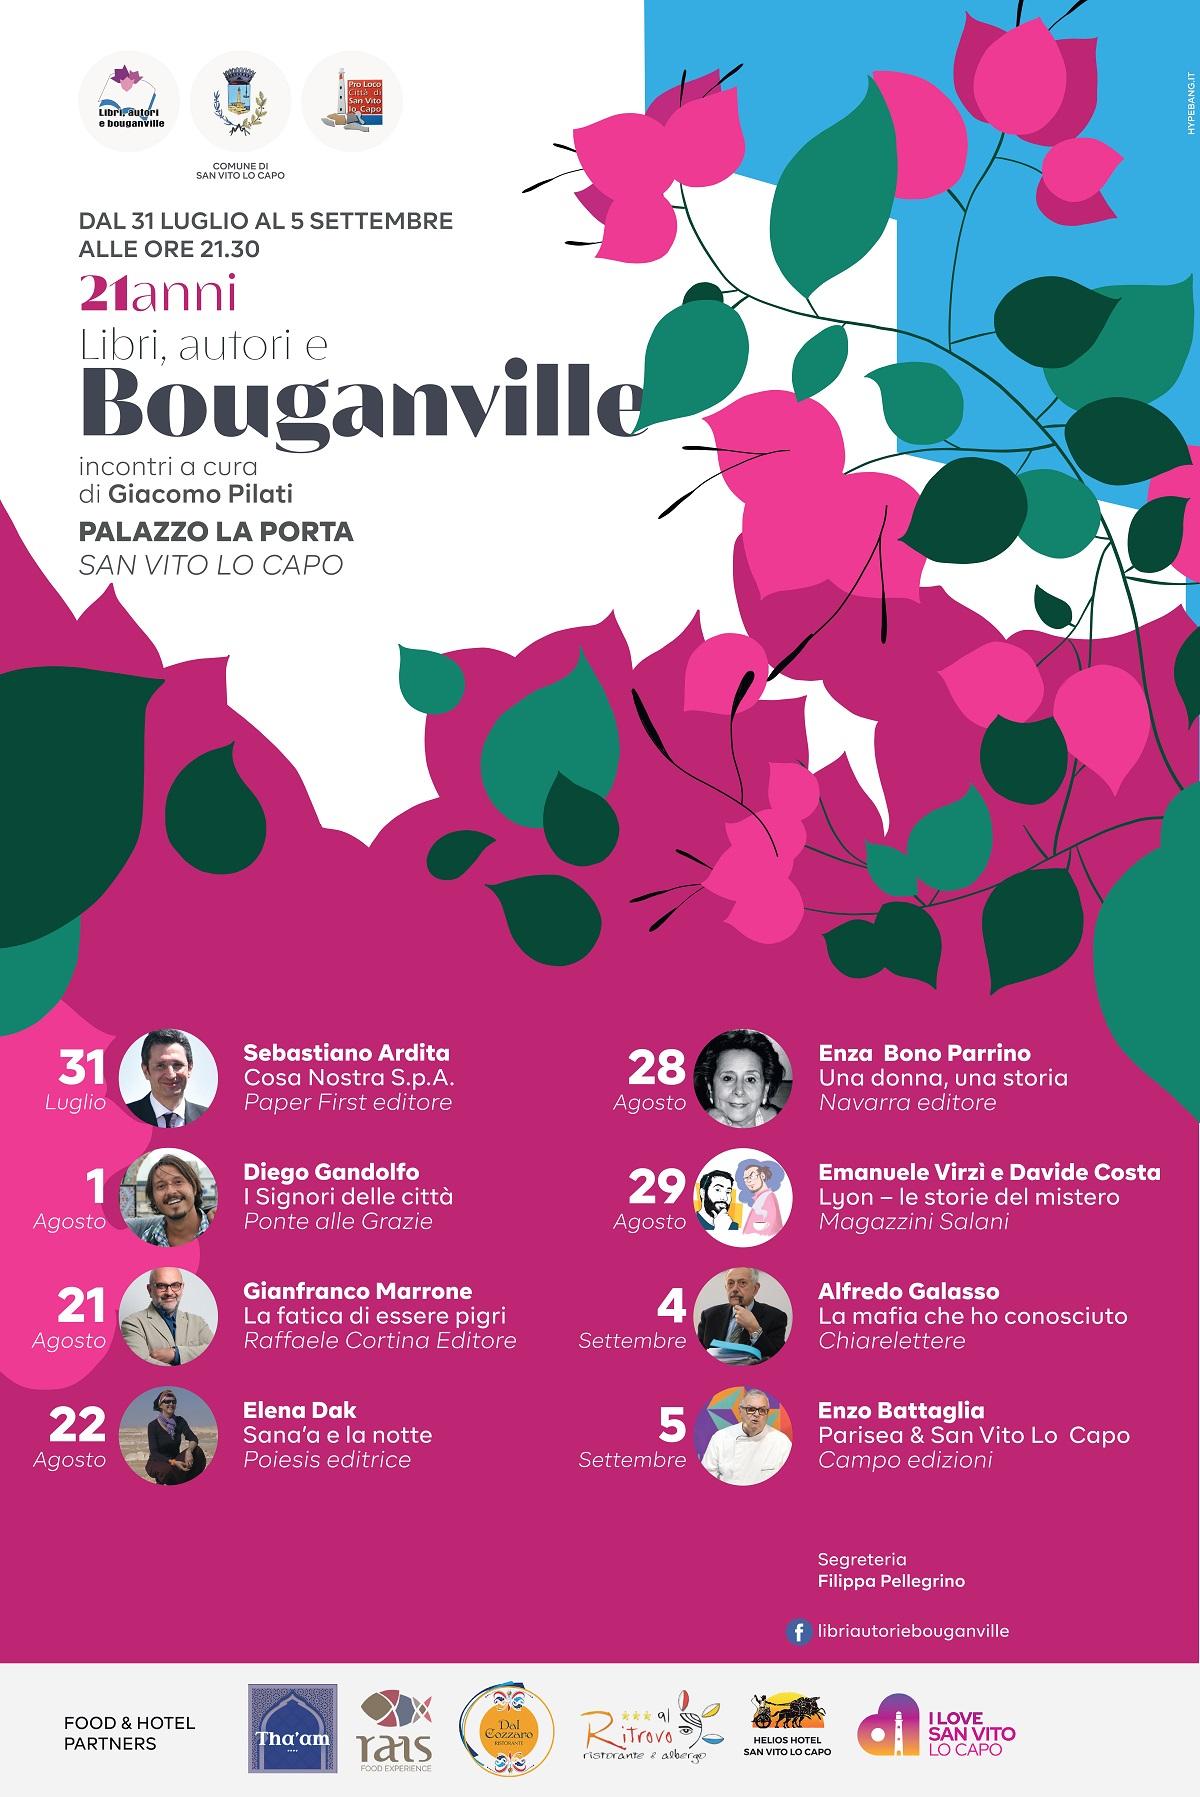 1595320108-0-san-vito-lo-capo-ritorna-la-rassegna-libri-autori-e-bouganville 2